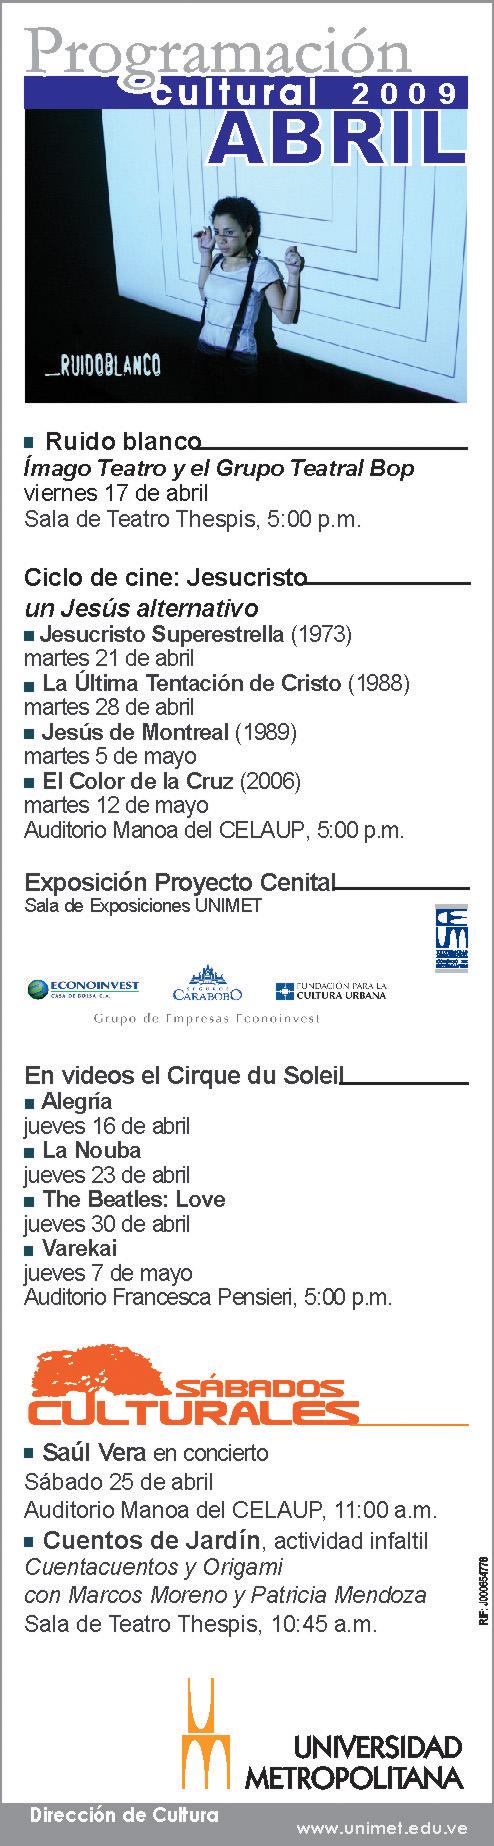 programacion-unimet-abril-2009